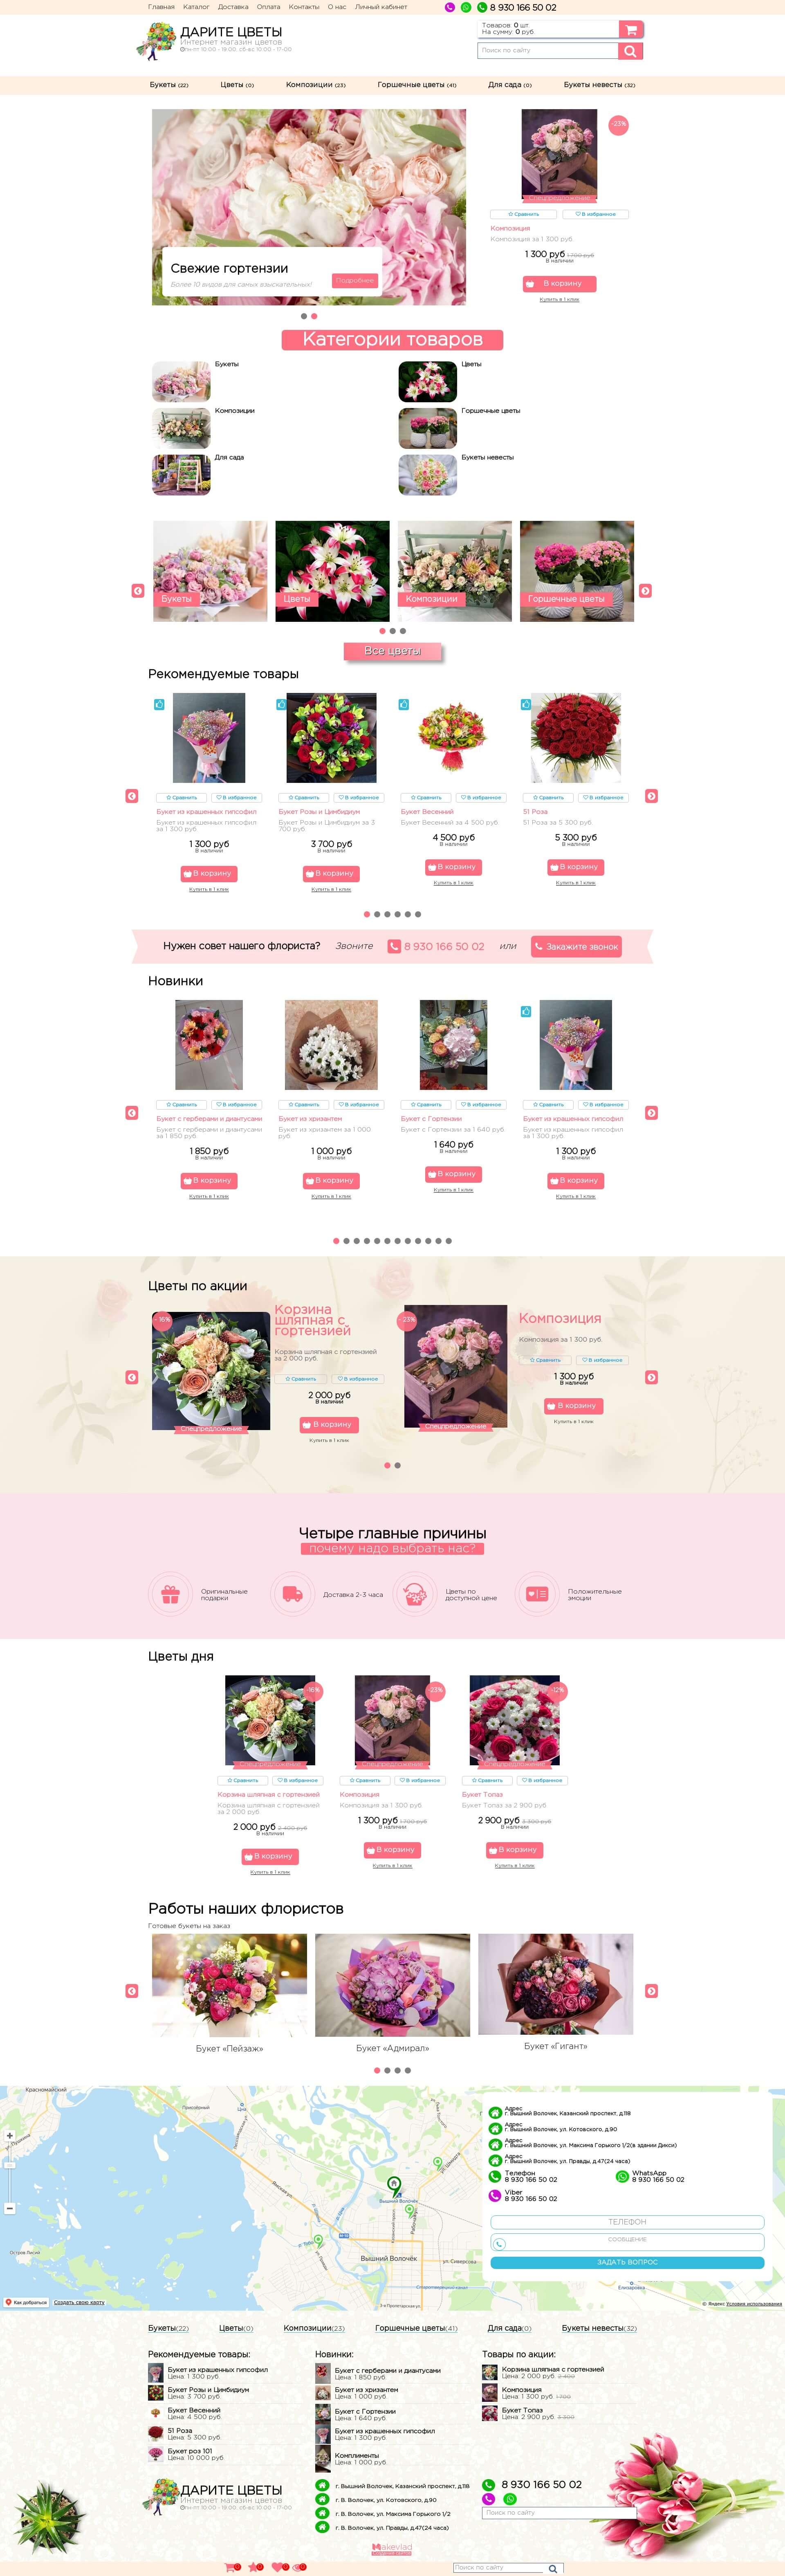 Скриншот №1 страницы сайта во весь экран. Интернет магазин для цветов